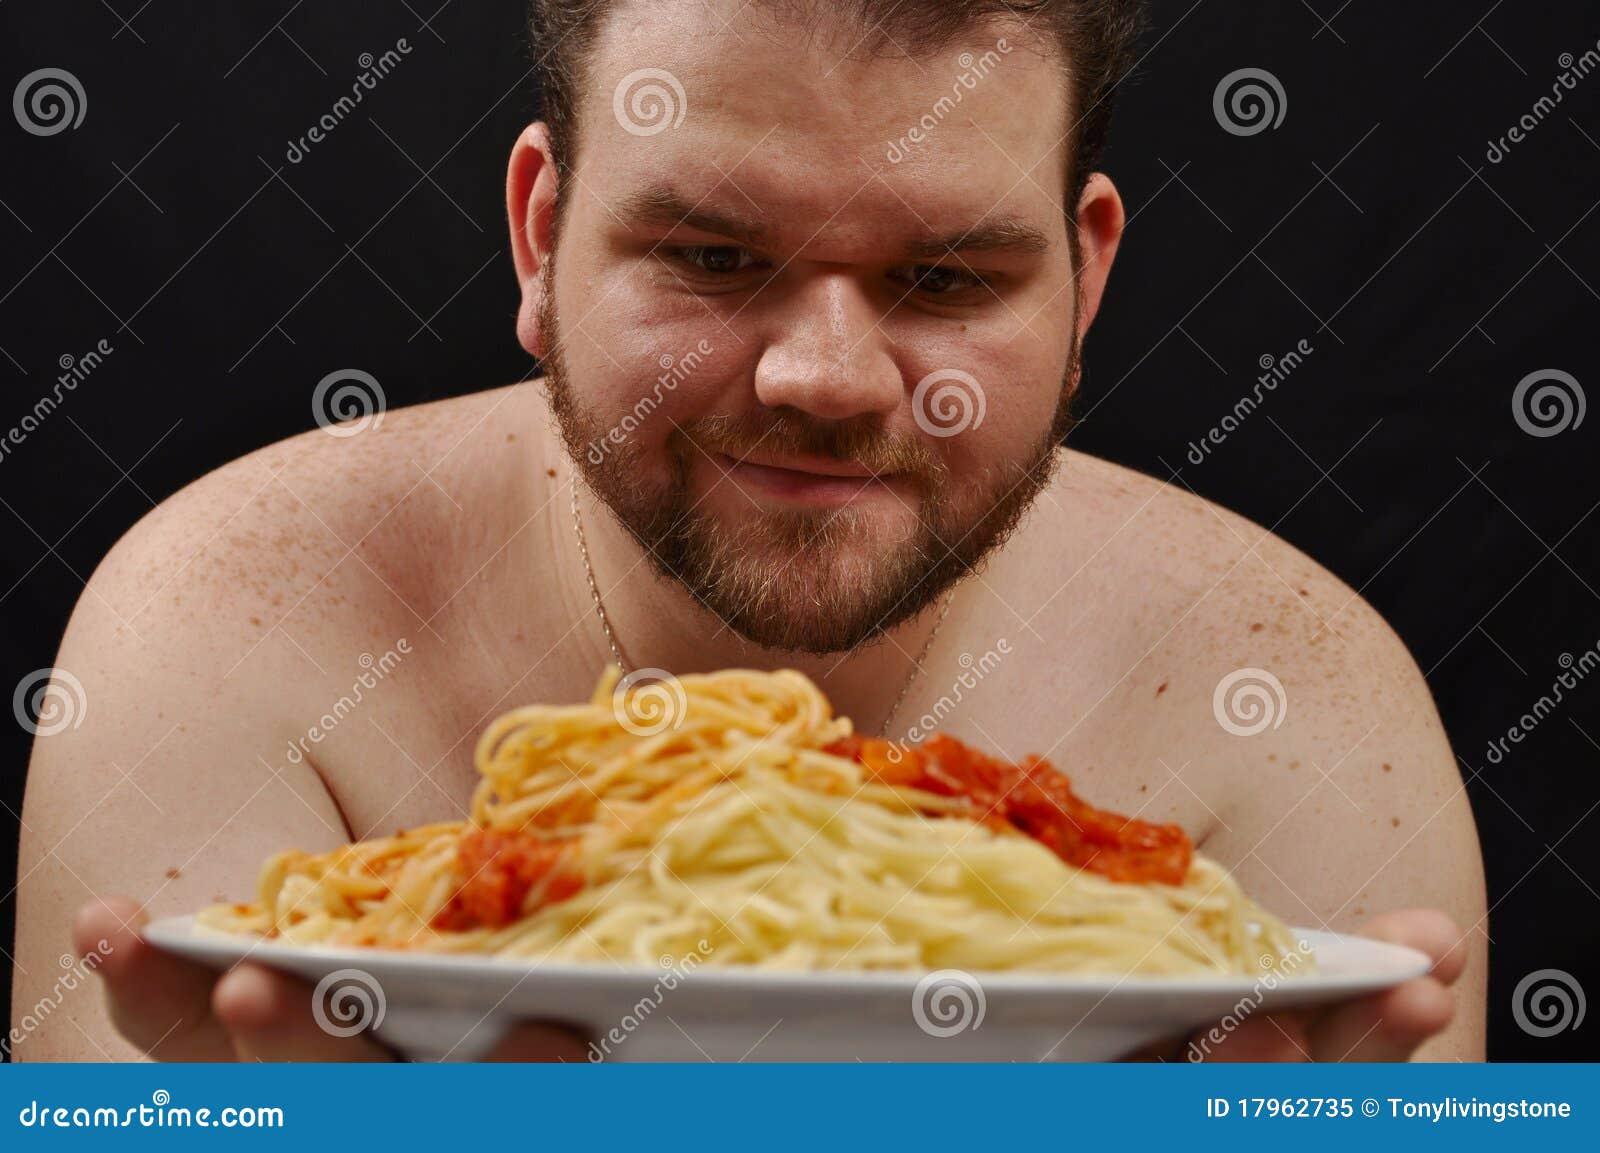 Italian Fat 90